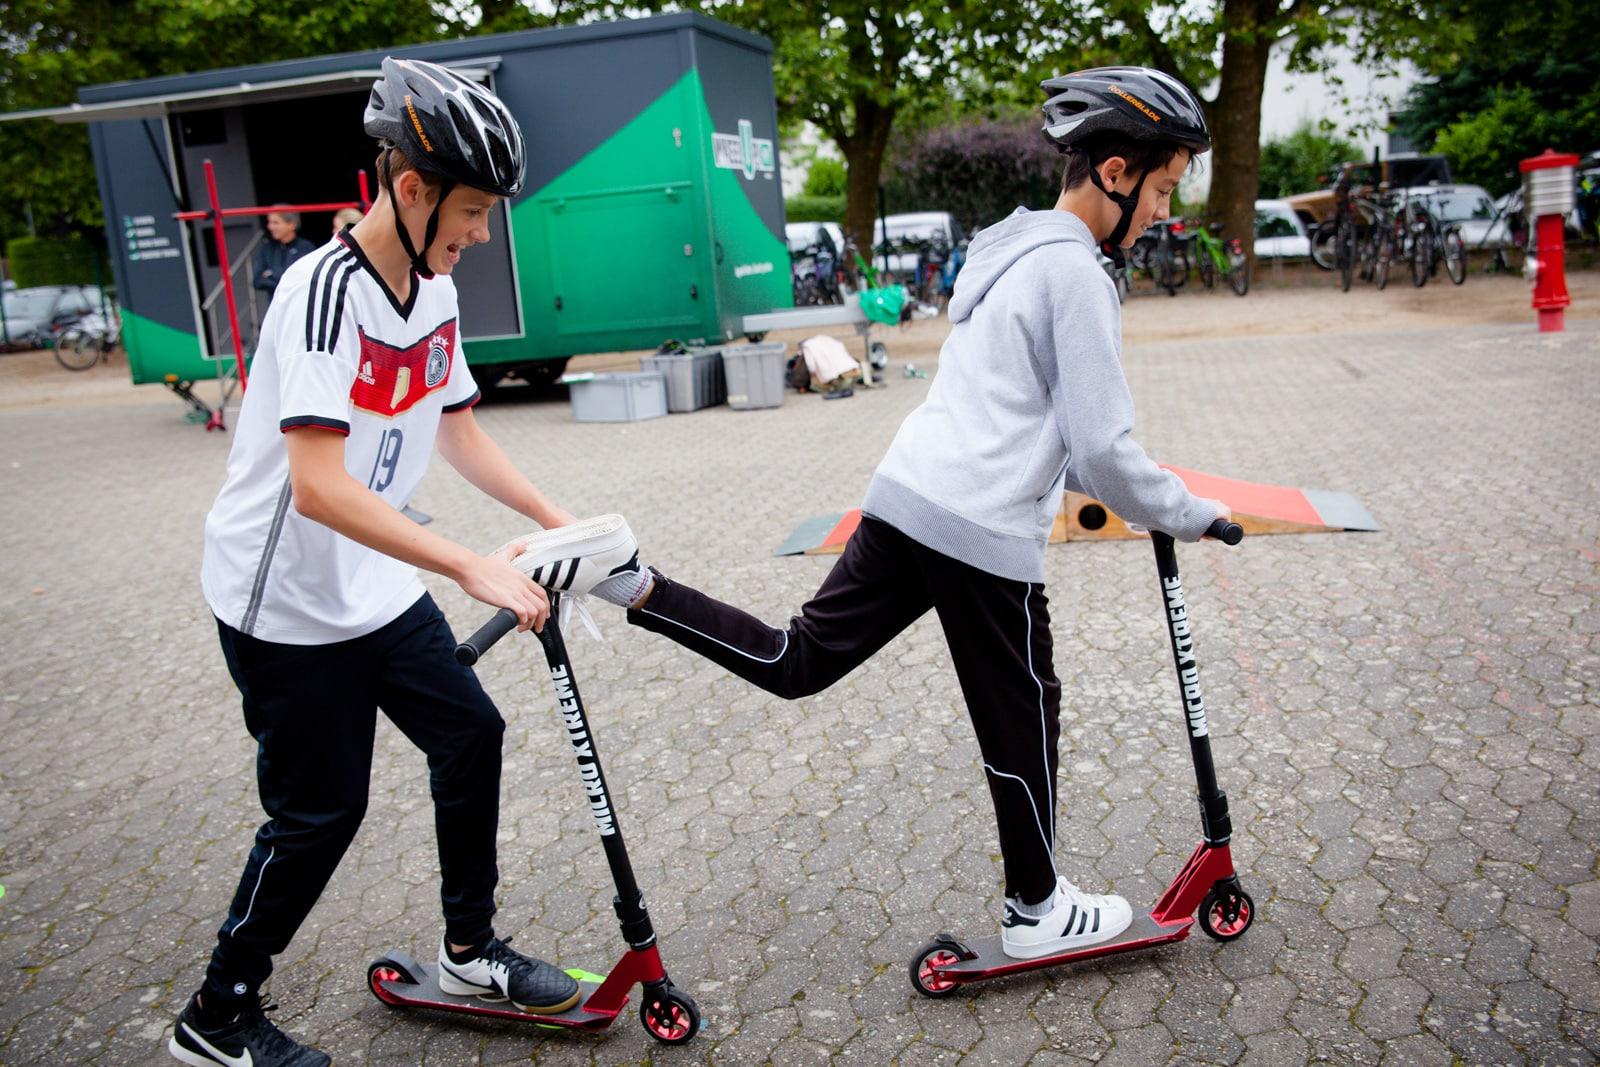 Zwei Jungs üben das einbeinige Rollerfahren